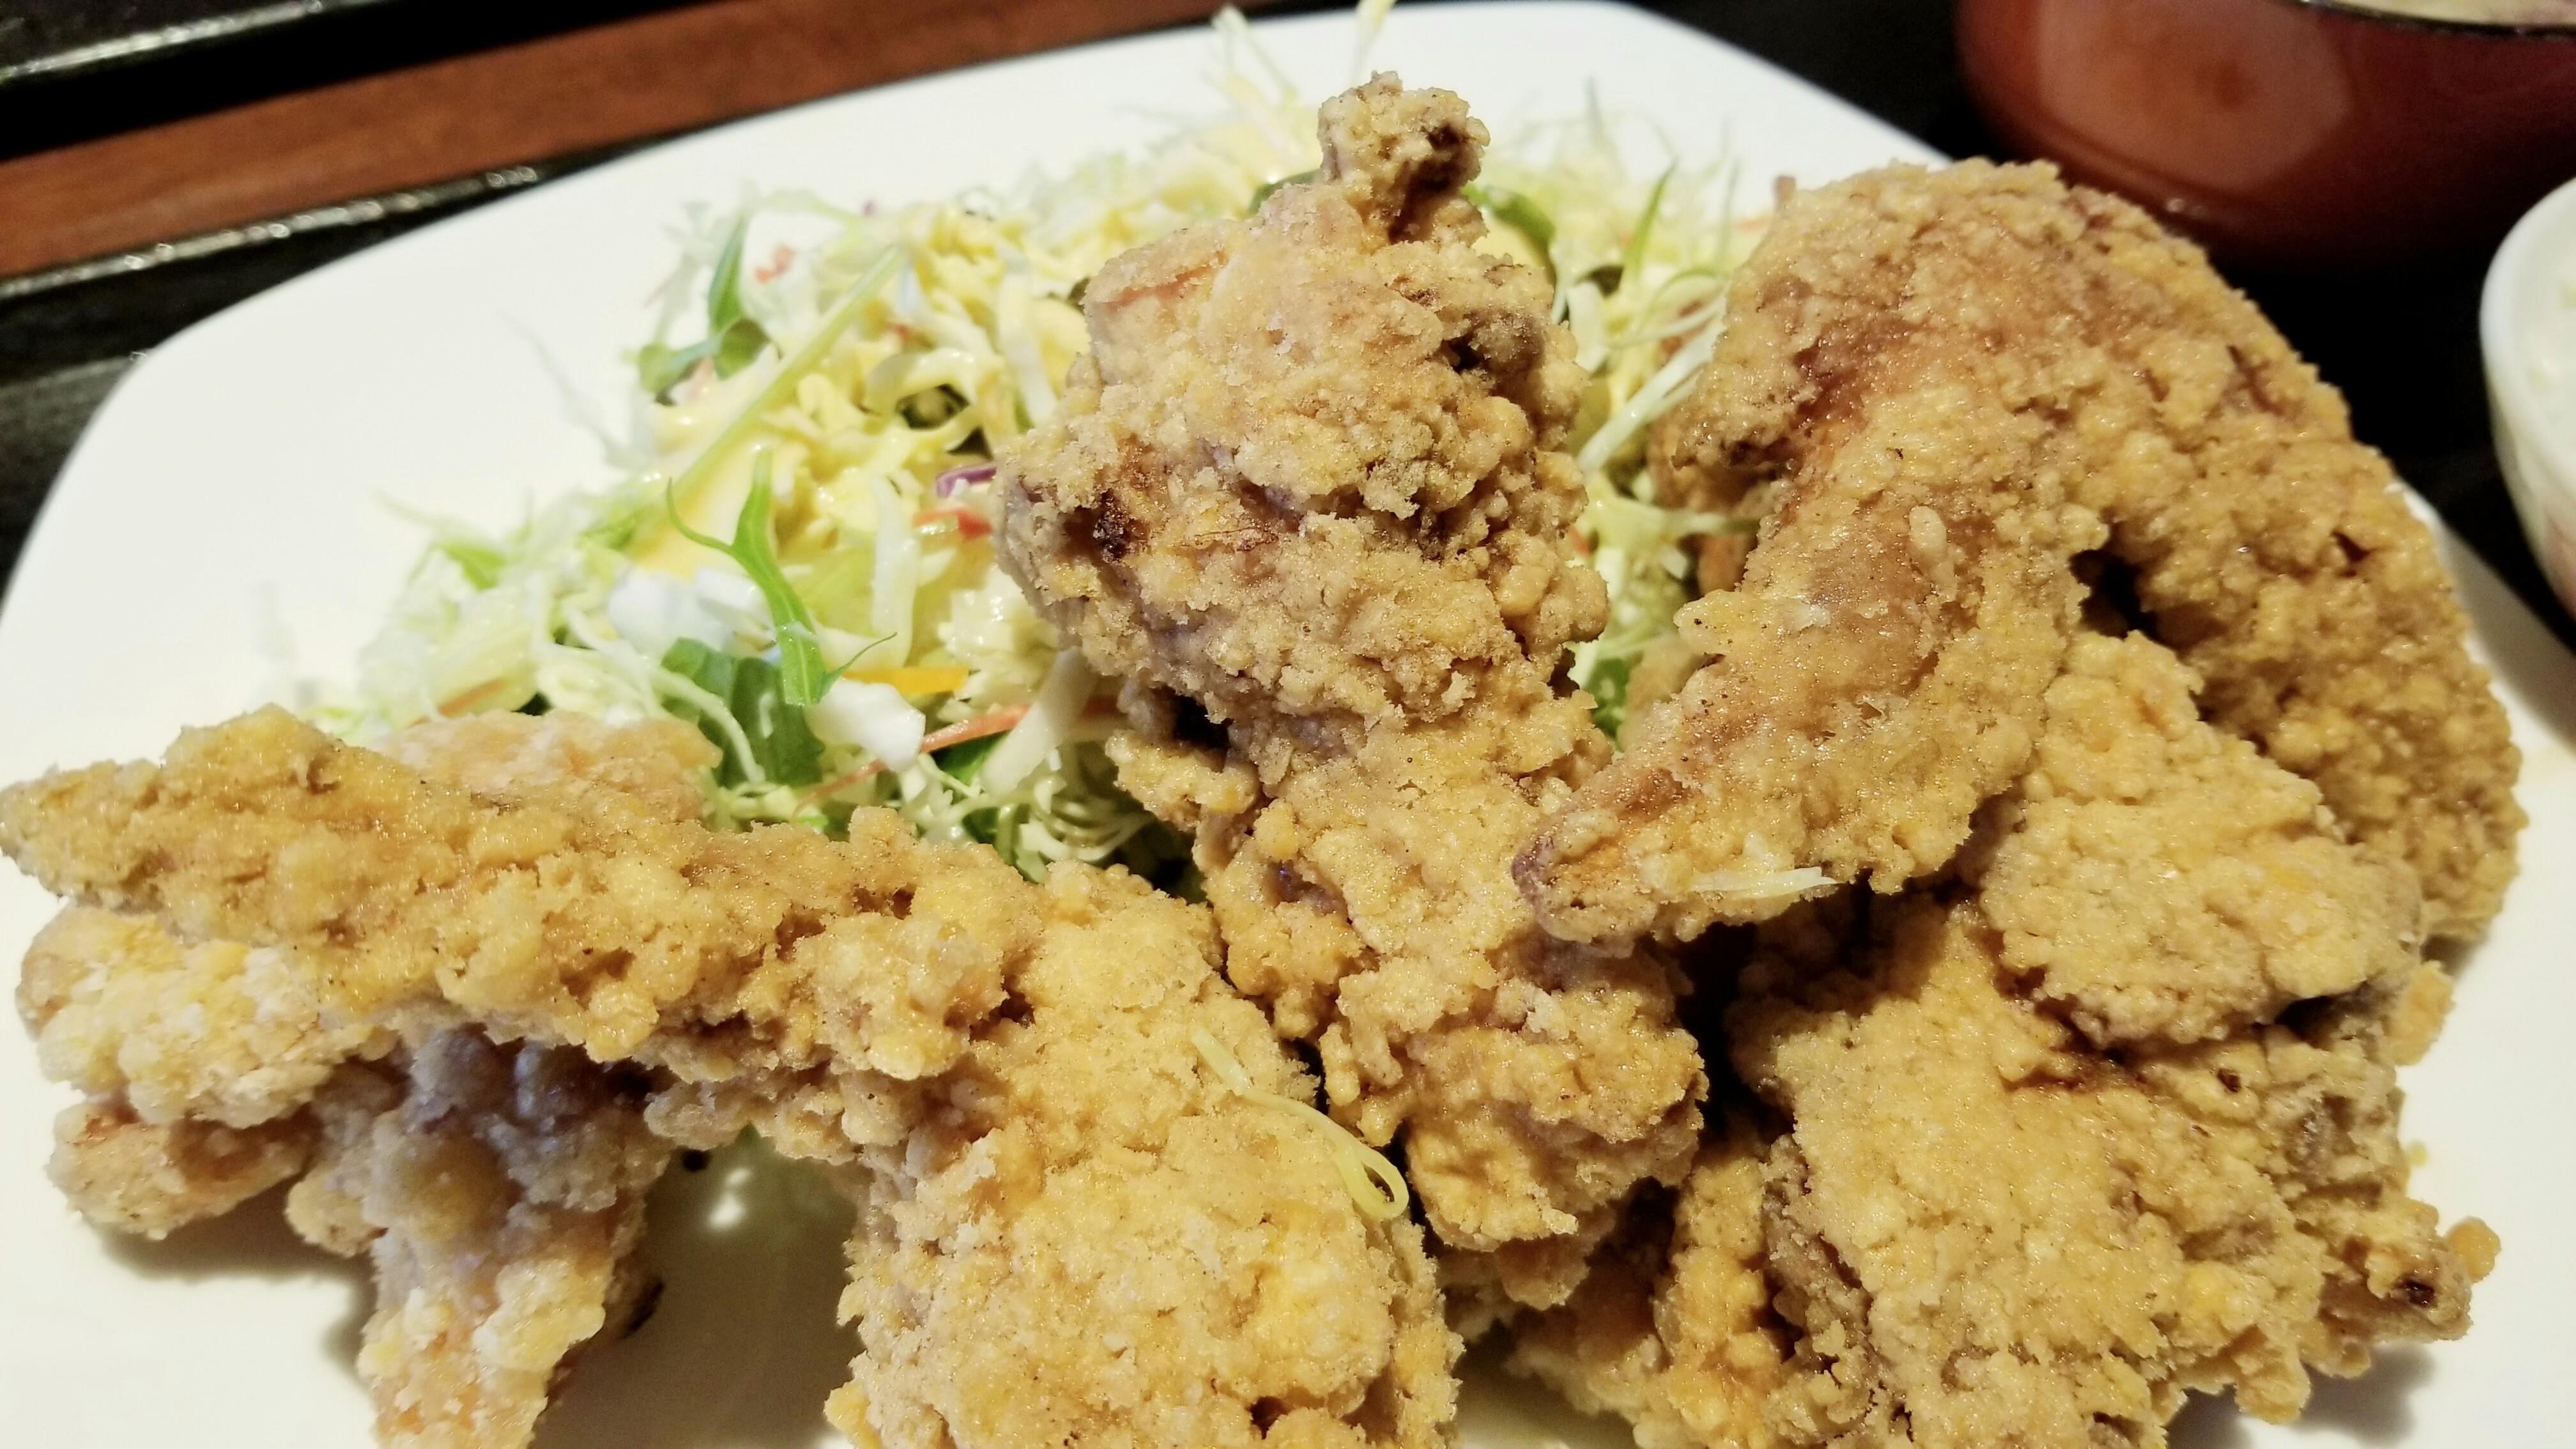 美味しいからあげ定食ミックスフライご飯おすすめランチグルメ